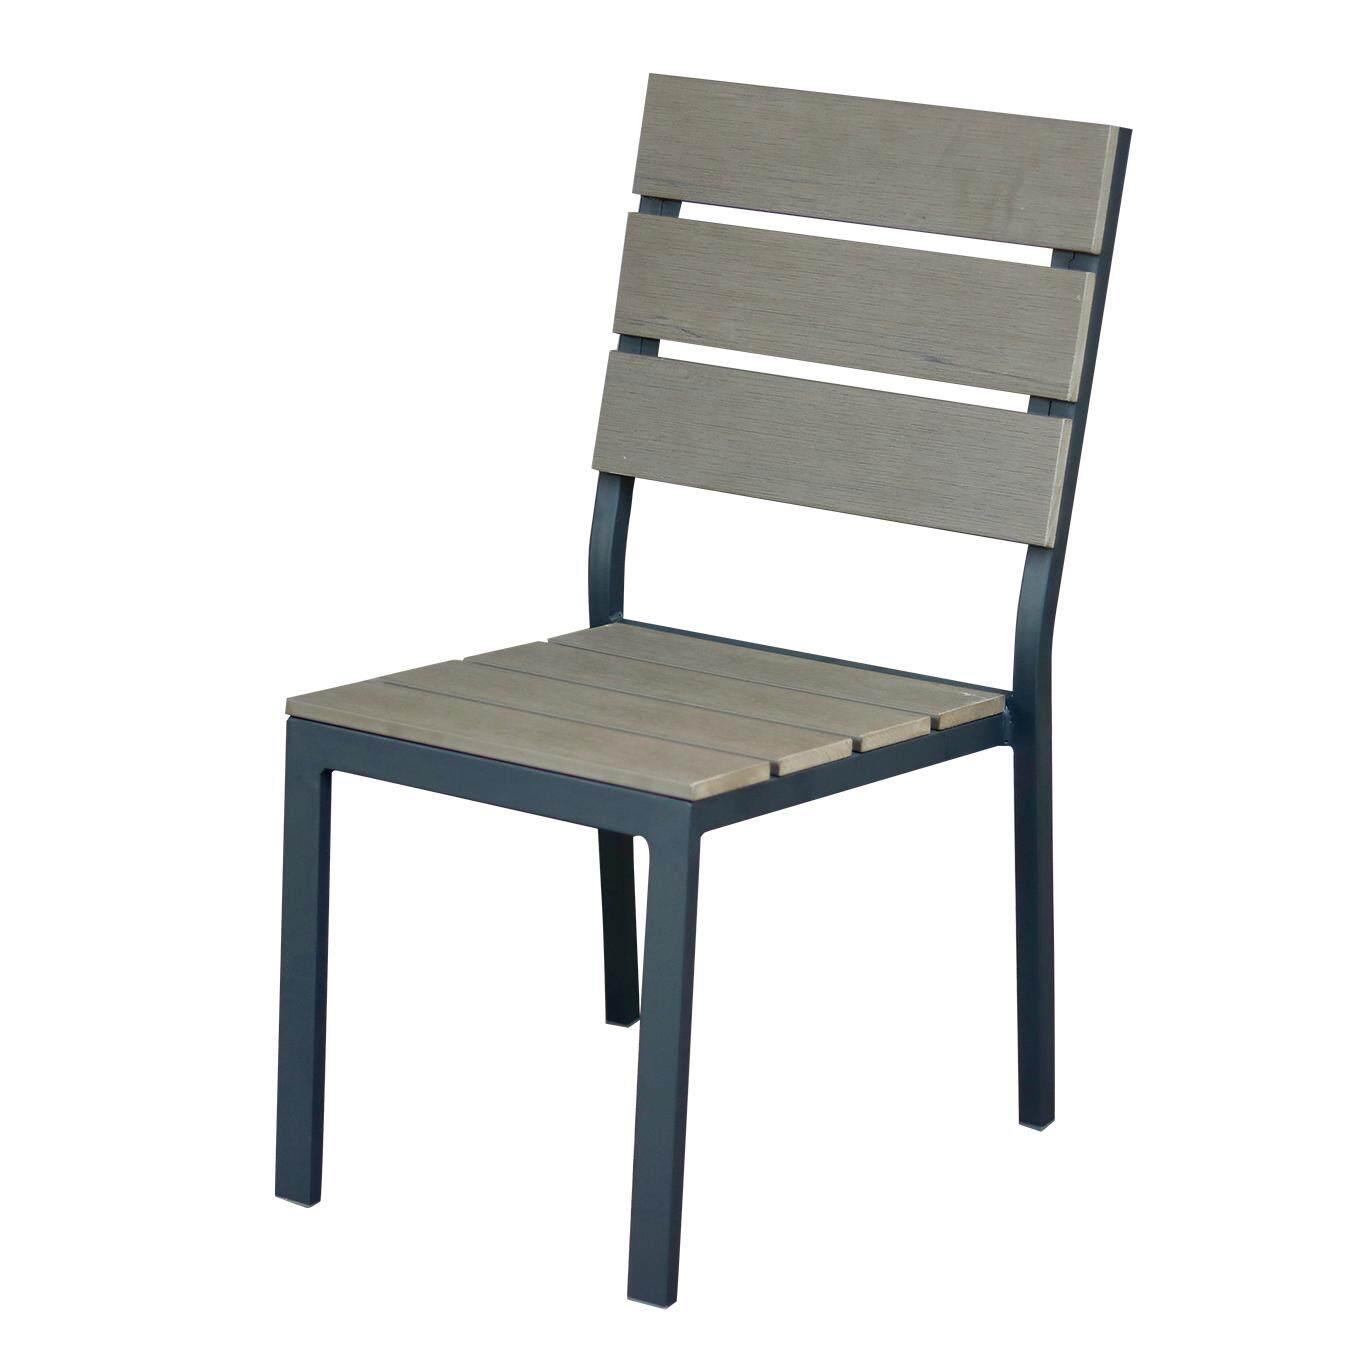 เช่าเก้าอี้ หนองคาย Outdoor เก้าอี้อาหาร (สีน้ำตาล)